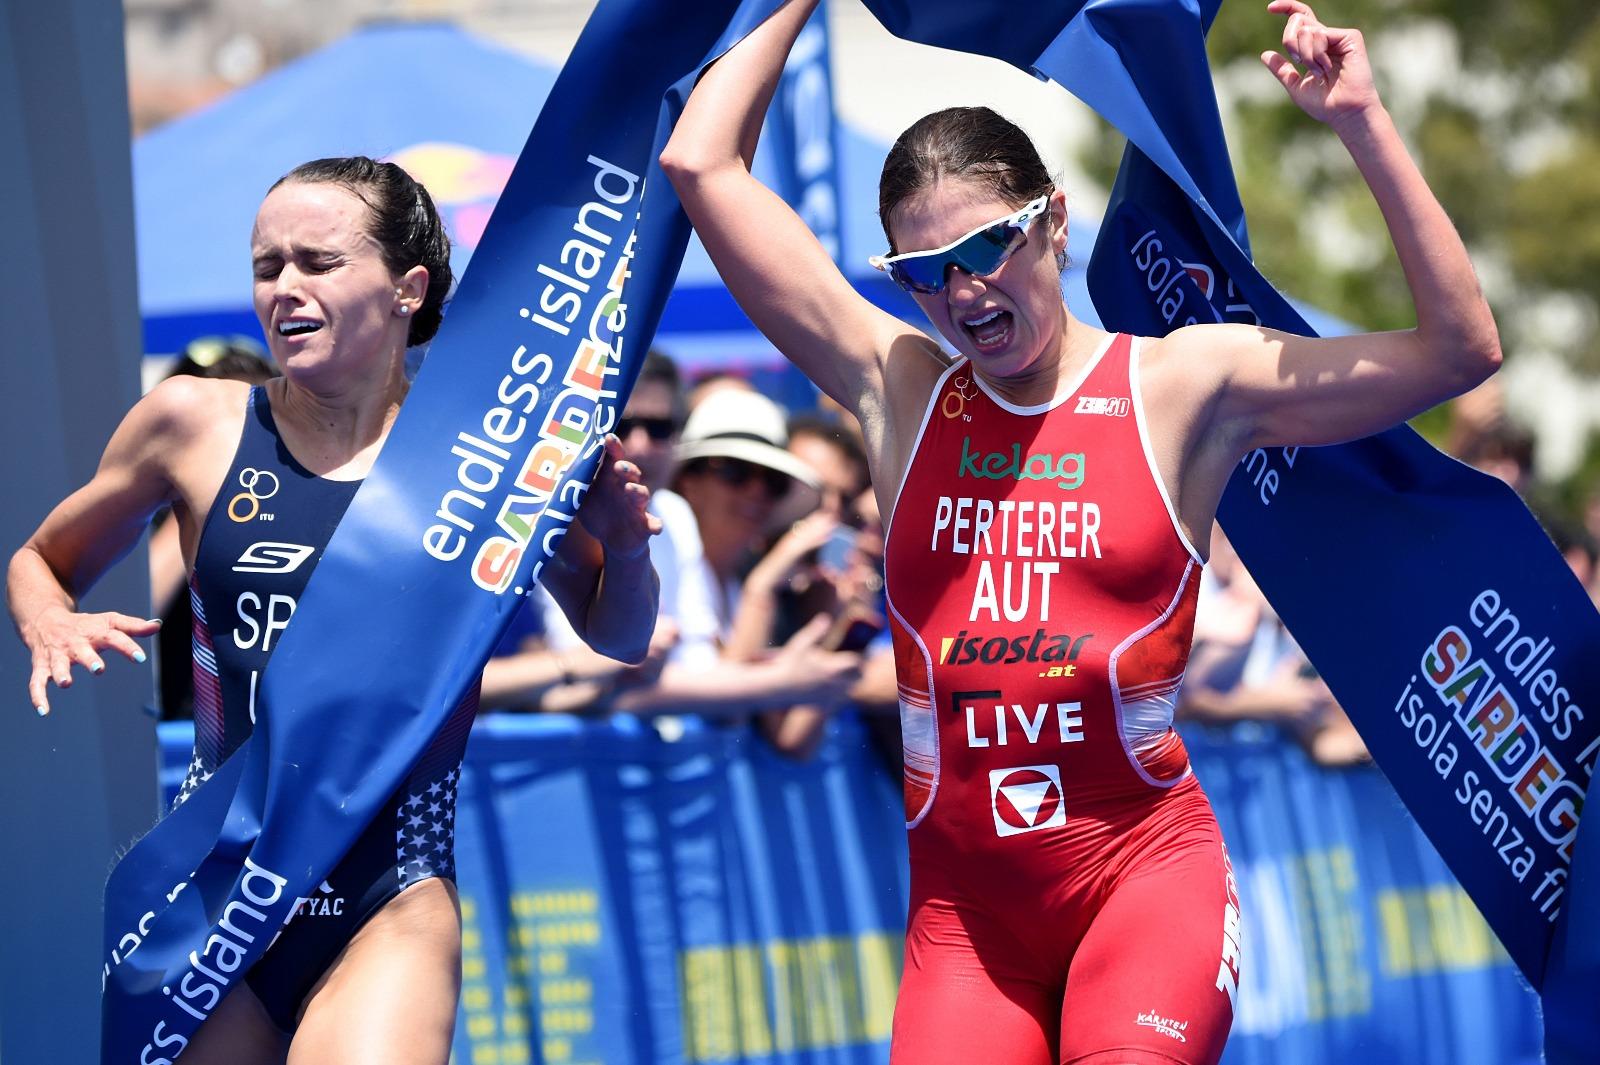 Erster österreichischer Weltcupsieg durch Lisa Perterer